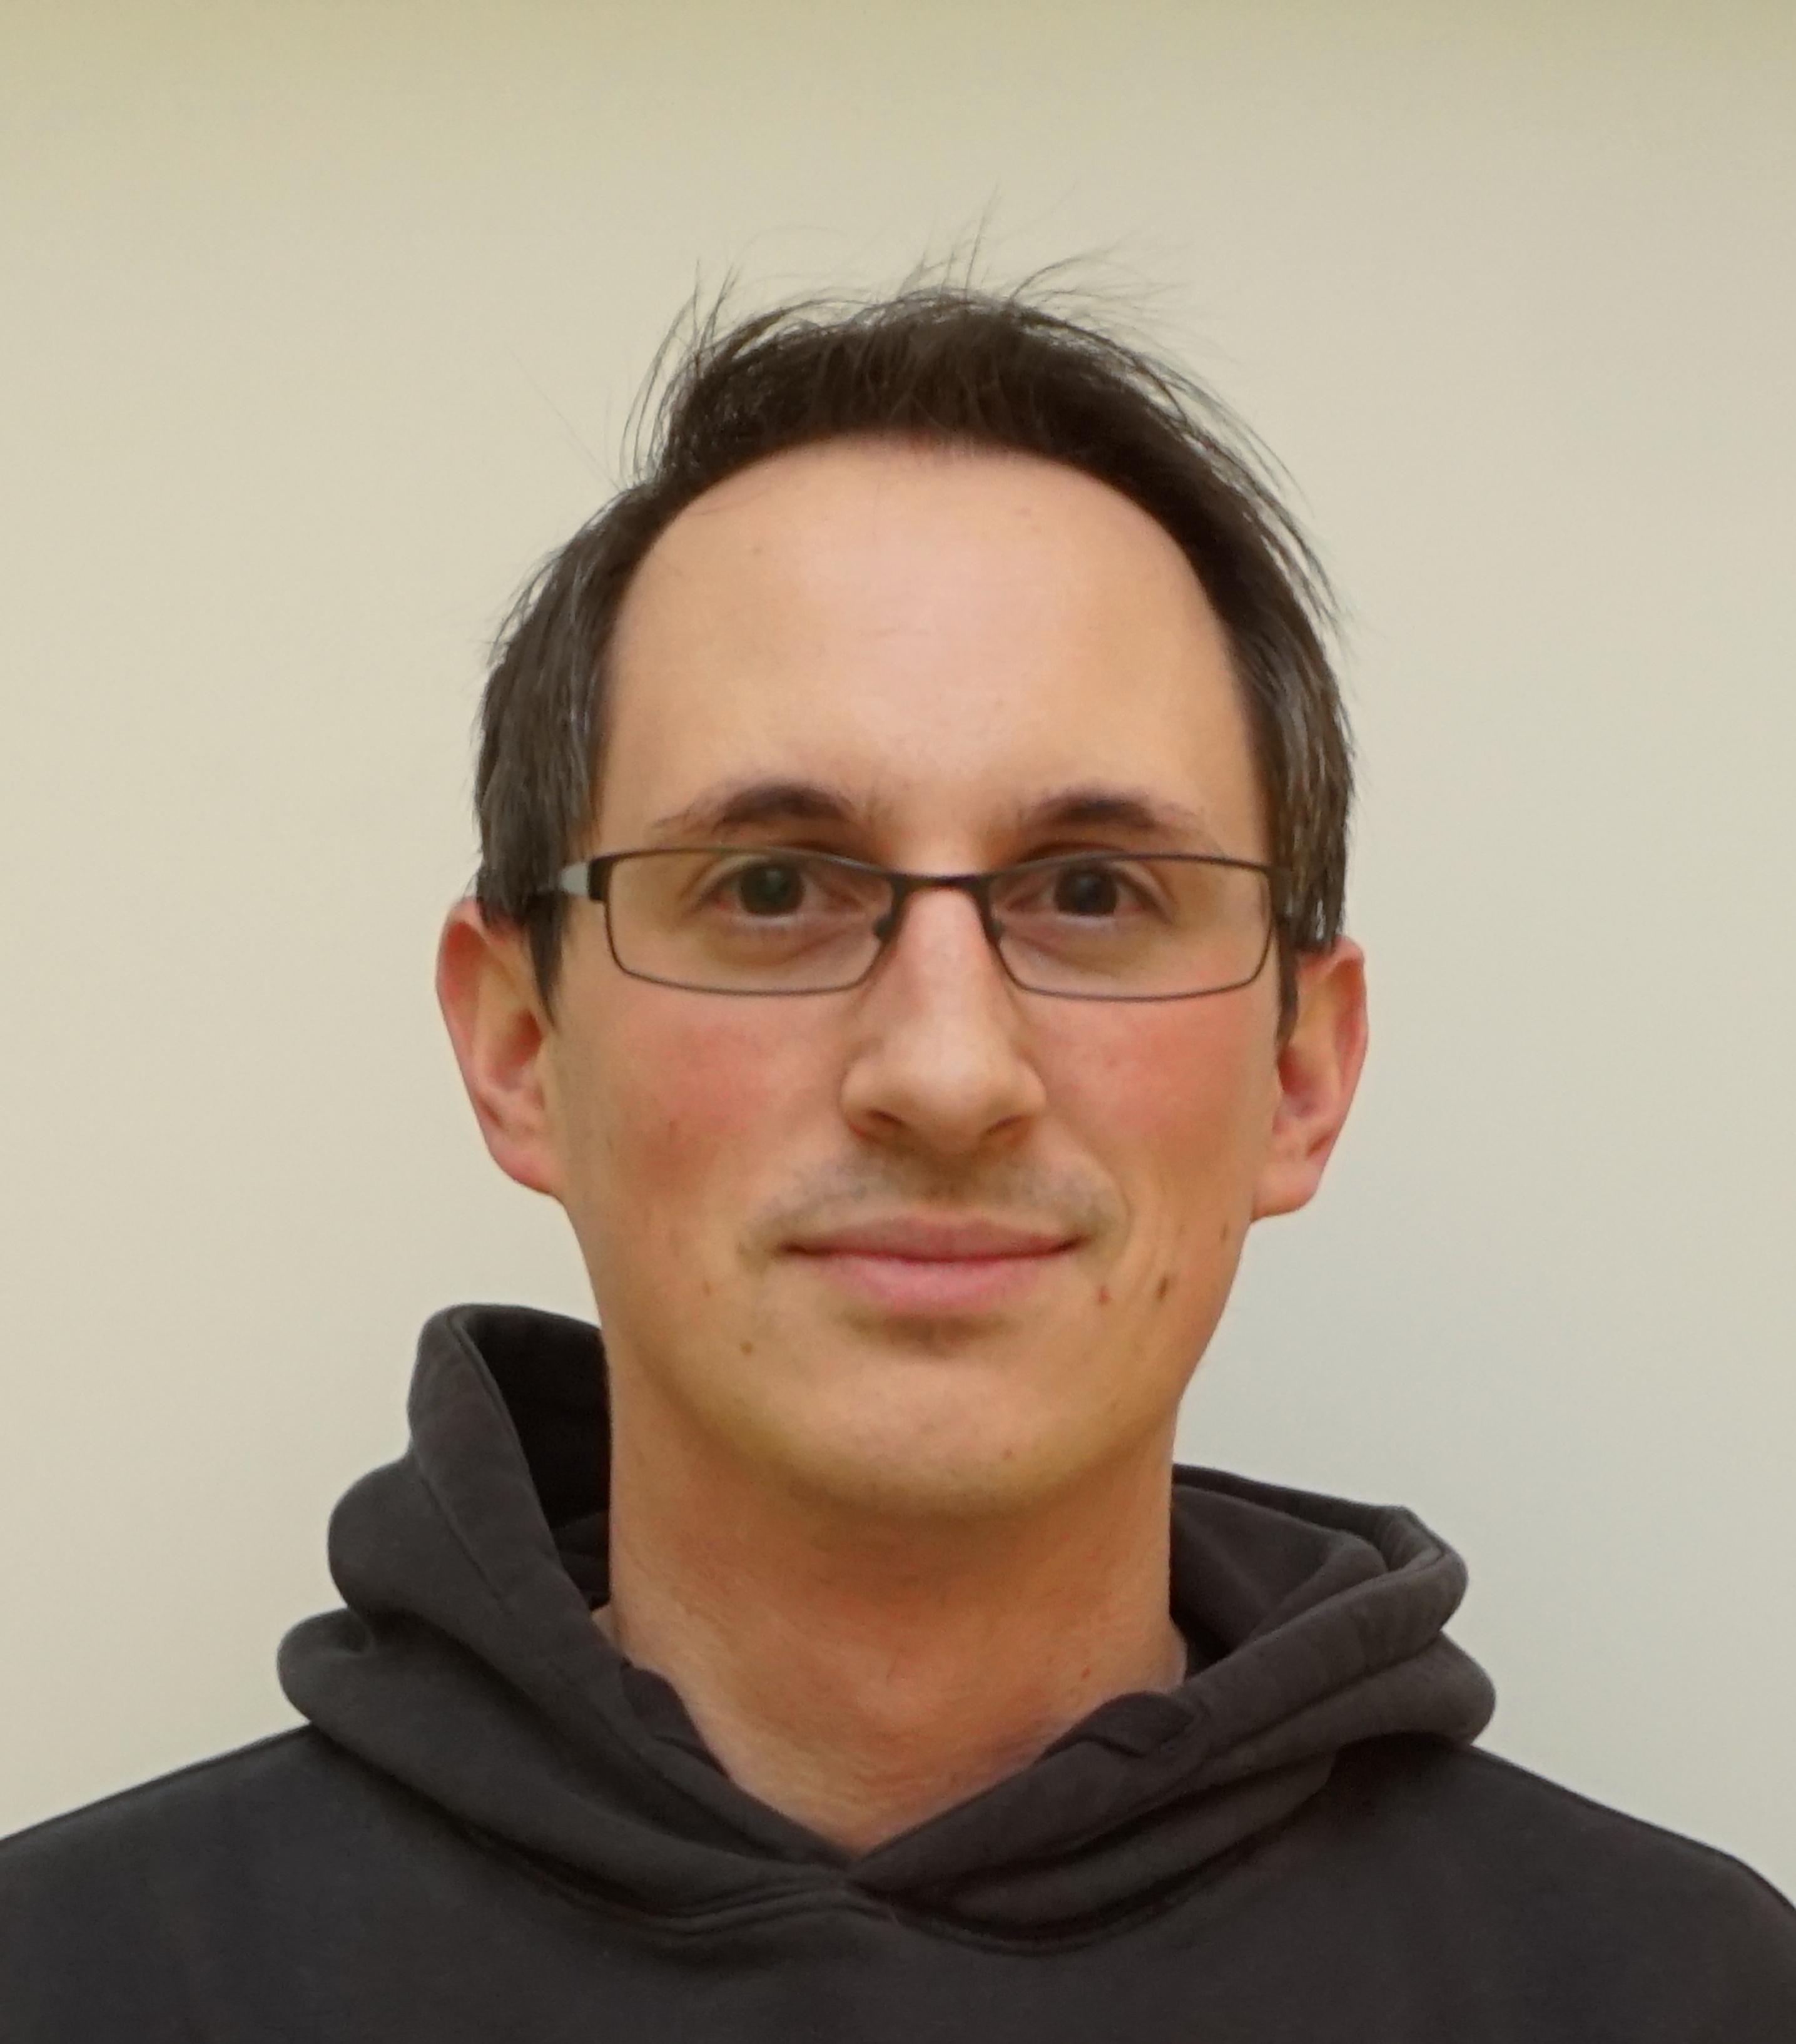 Matthias Beckert